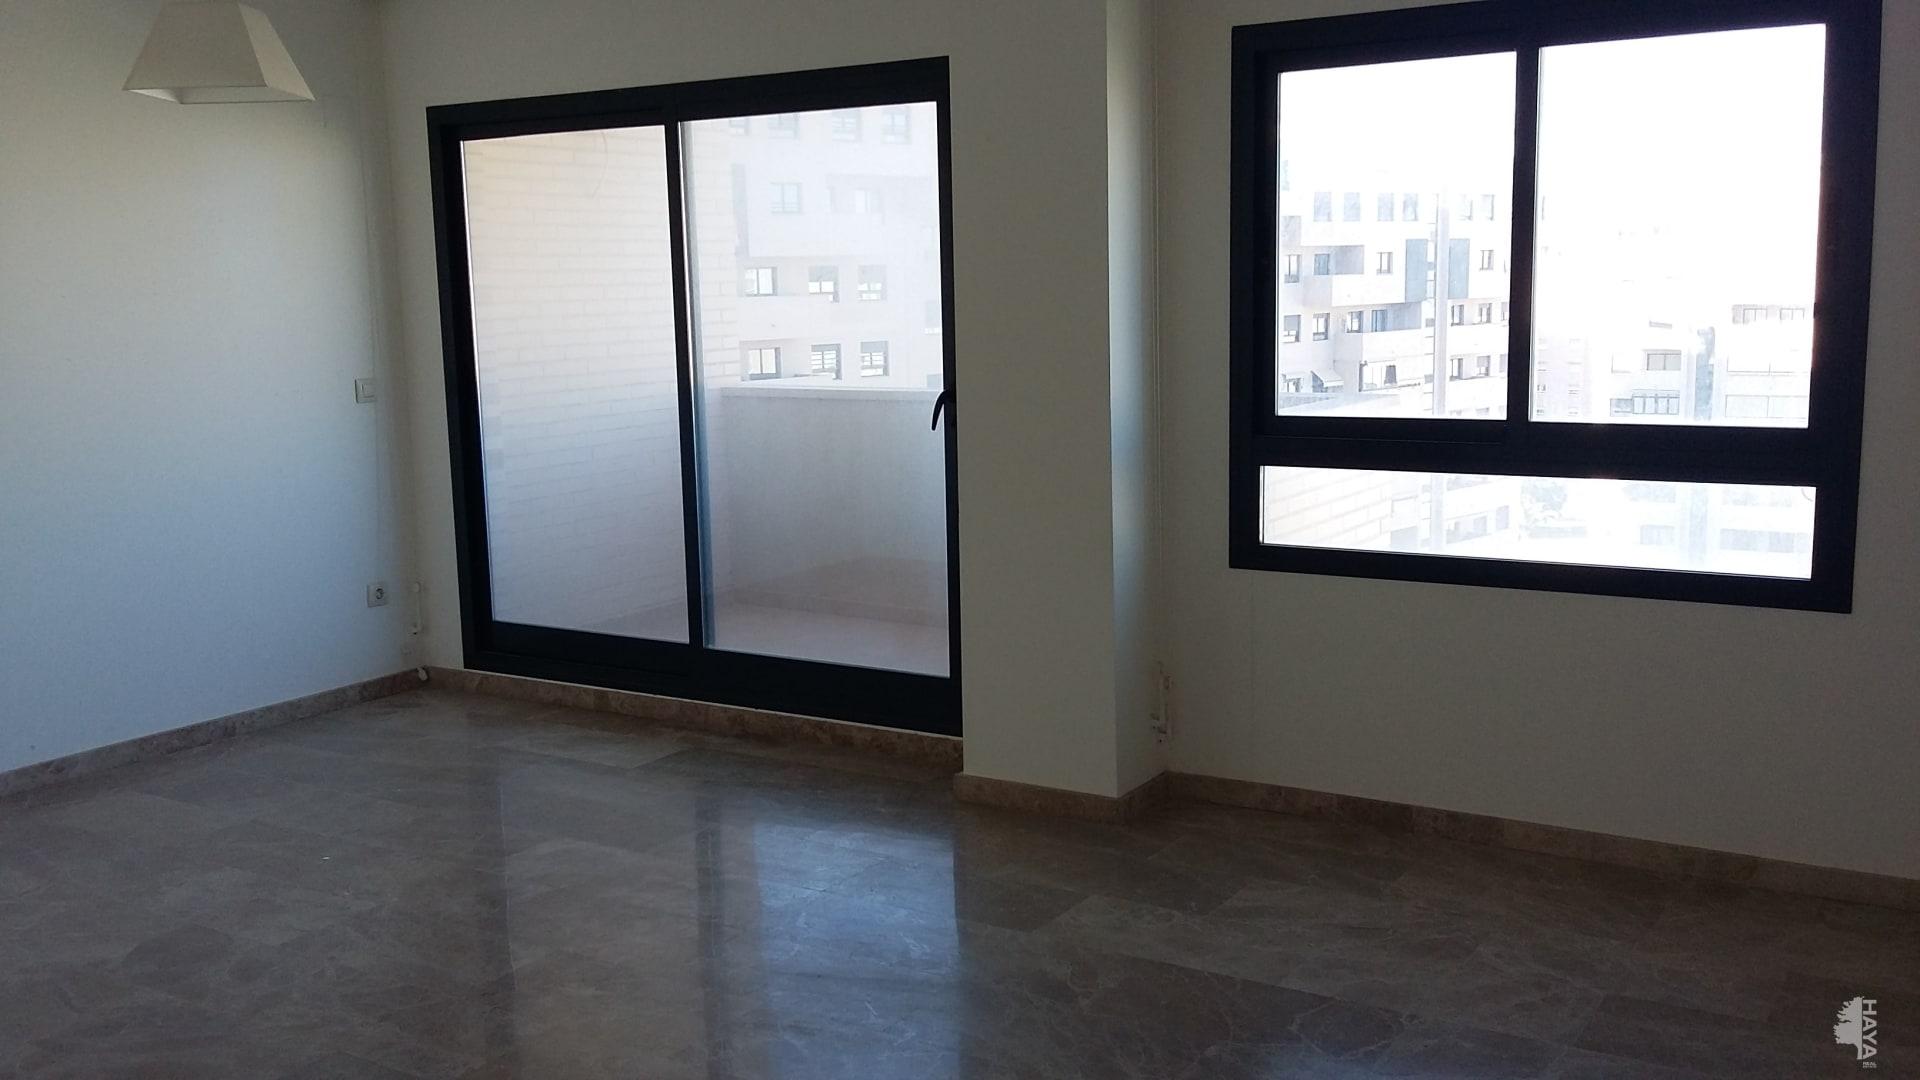 Piso en venta en Alicante/alacant, Alicante, Calle Tridente, 293.000 €, 4 habitaciones, 2 baños, 162 m2